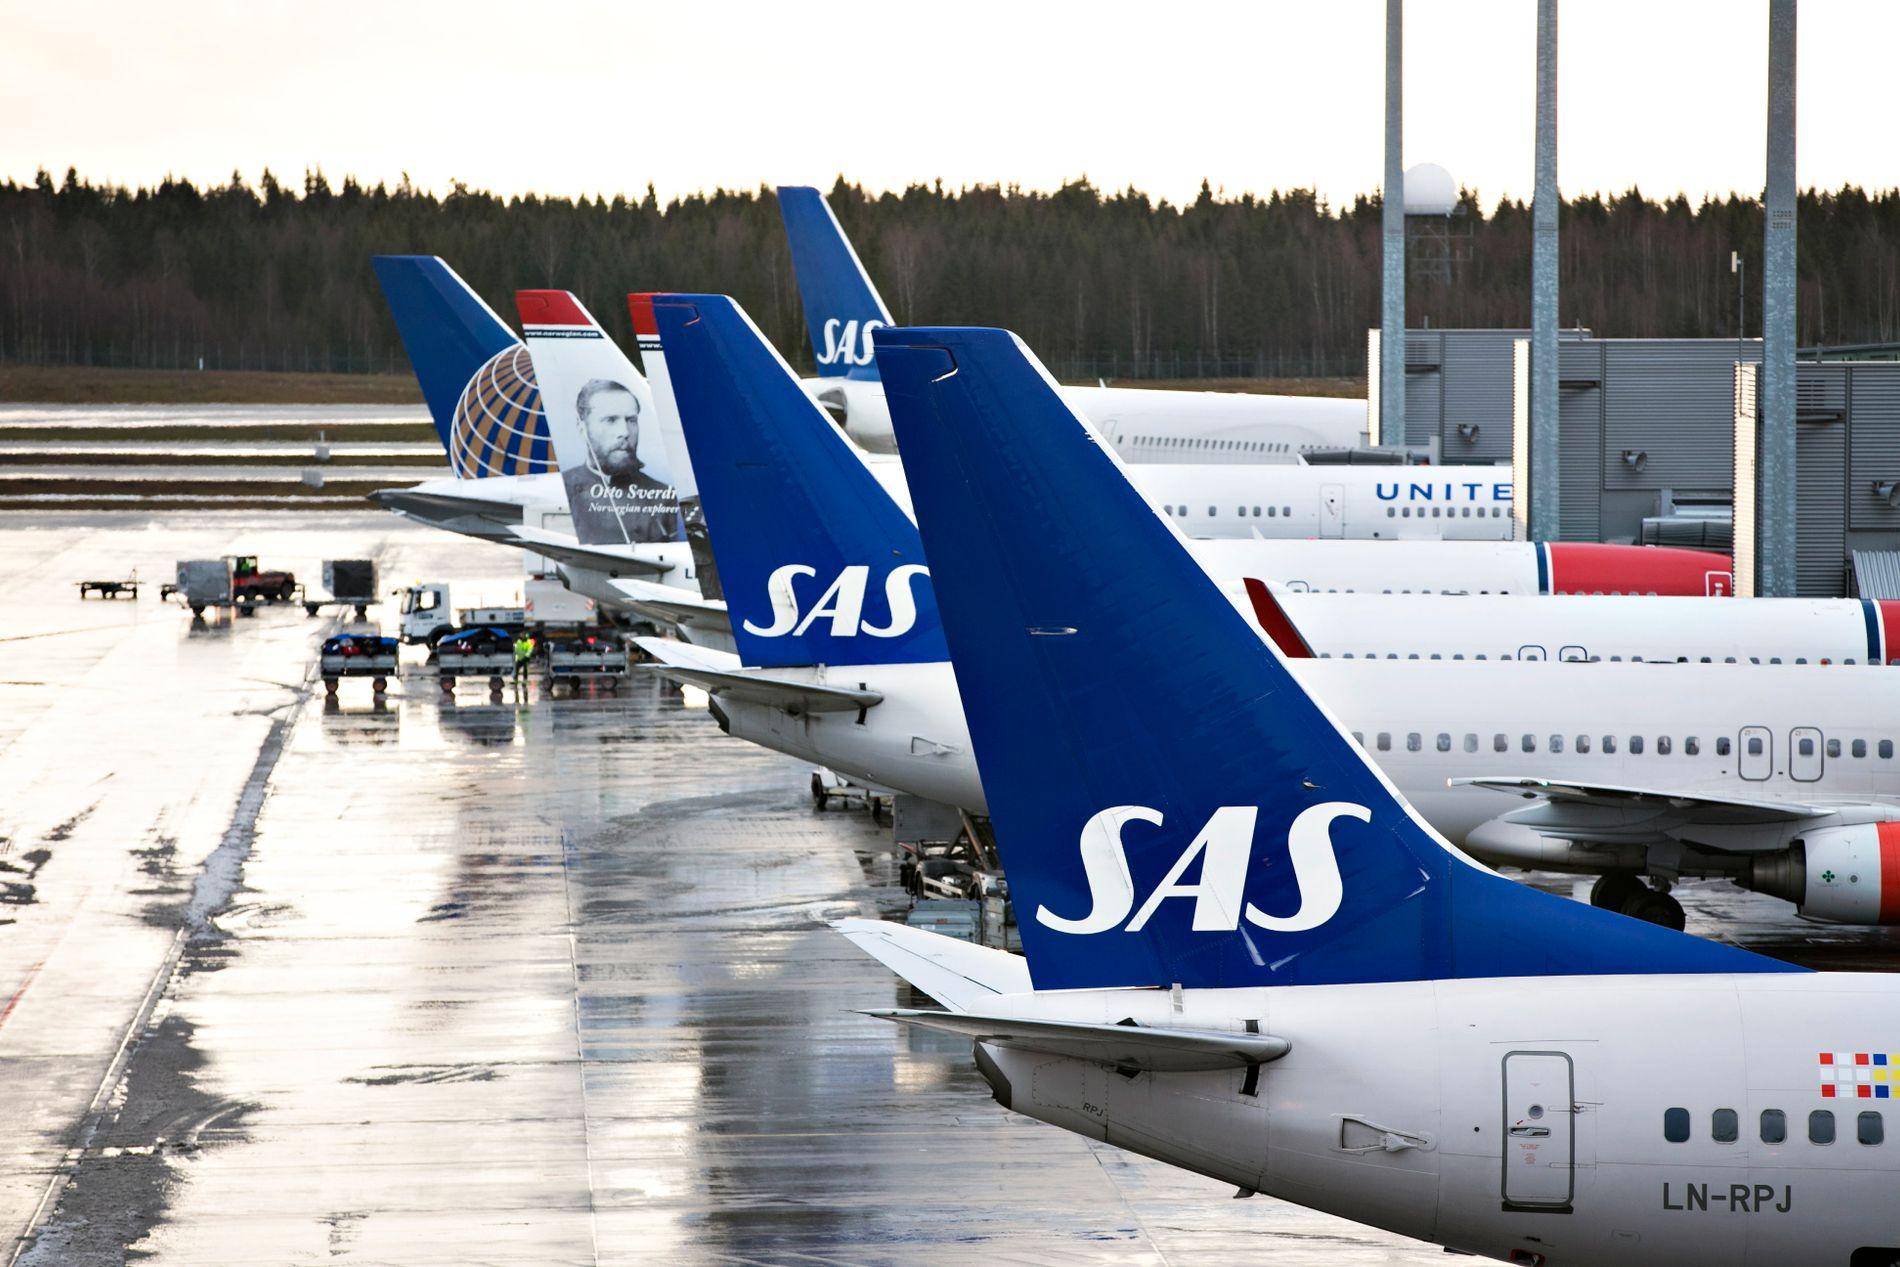 PÅ BAKKEN: 1500 streiker og SAS-maskinene står på bakken.